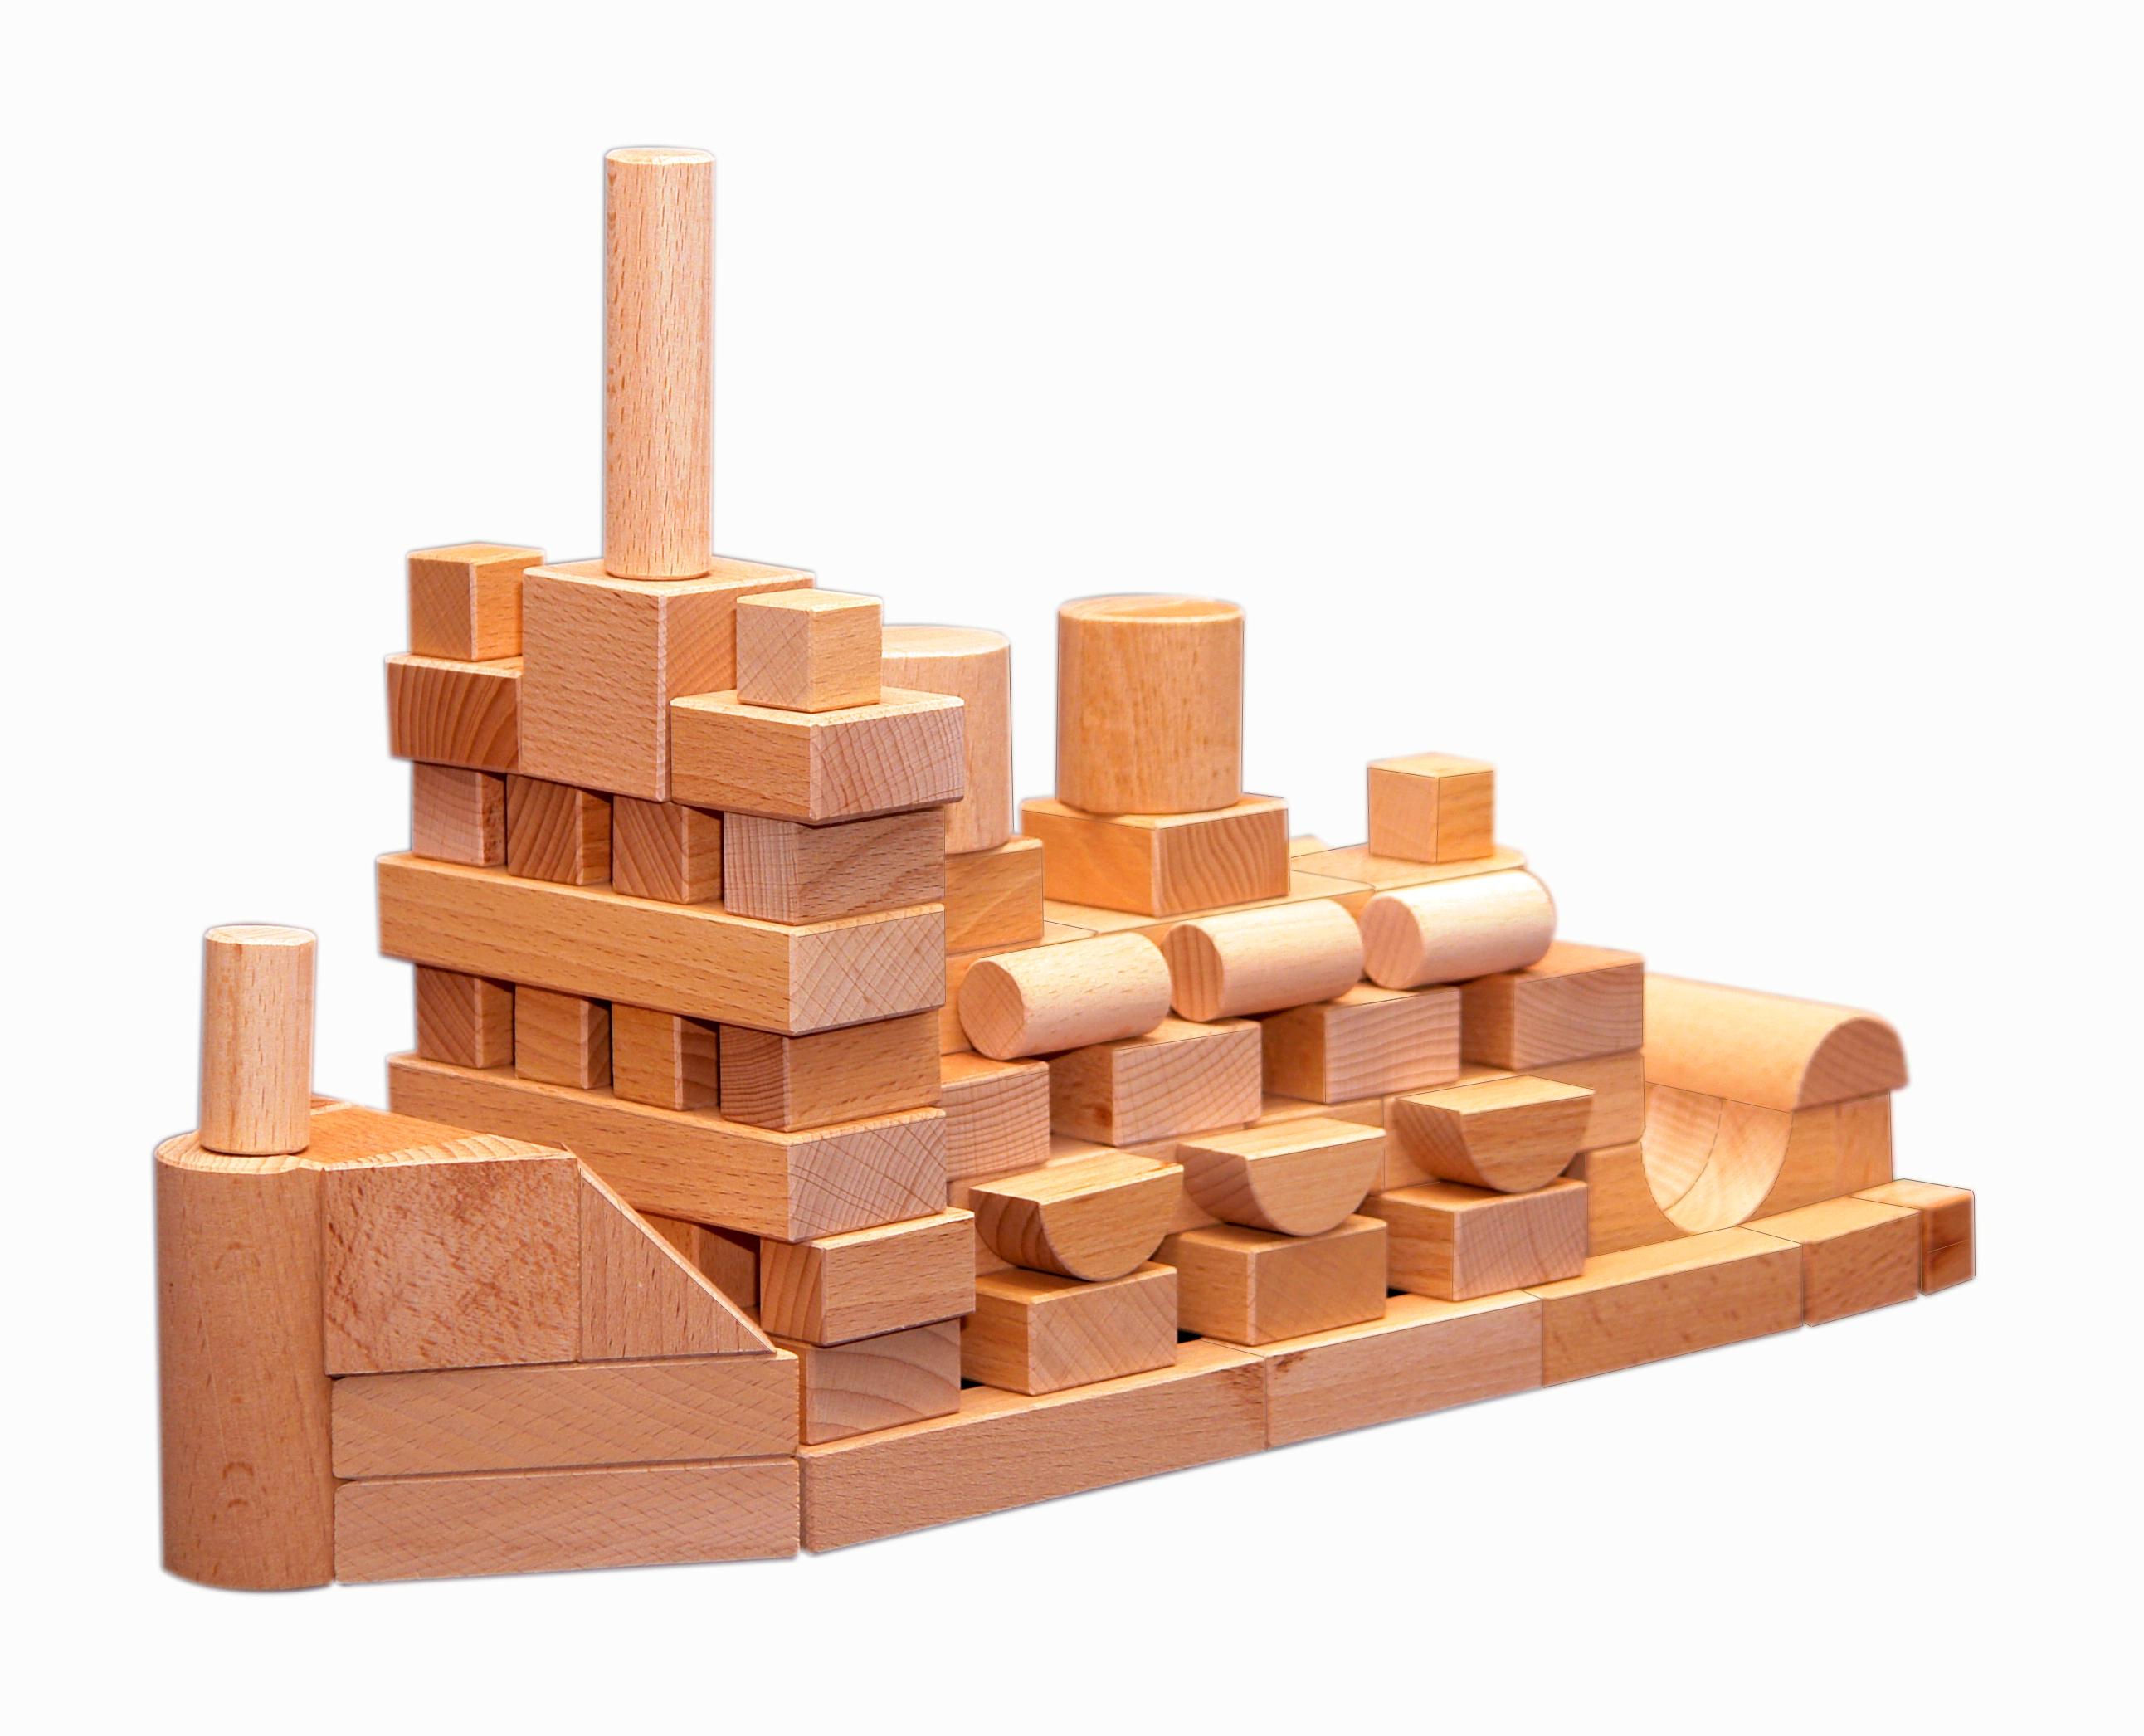 Конструктор деревянный не окрашенный по программе - Развитие, 100 деталейКубики<br>Конструктор деревянный не окрашенный по программе - Развитие, 100 деталей<br>